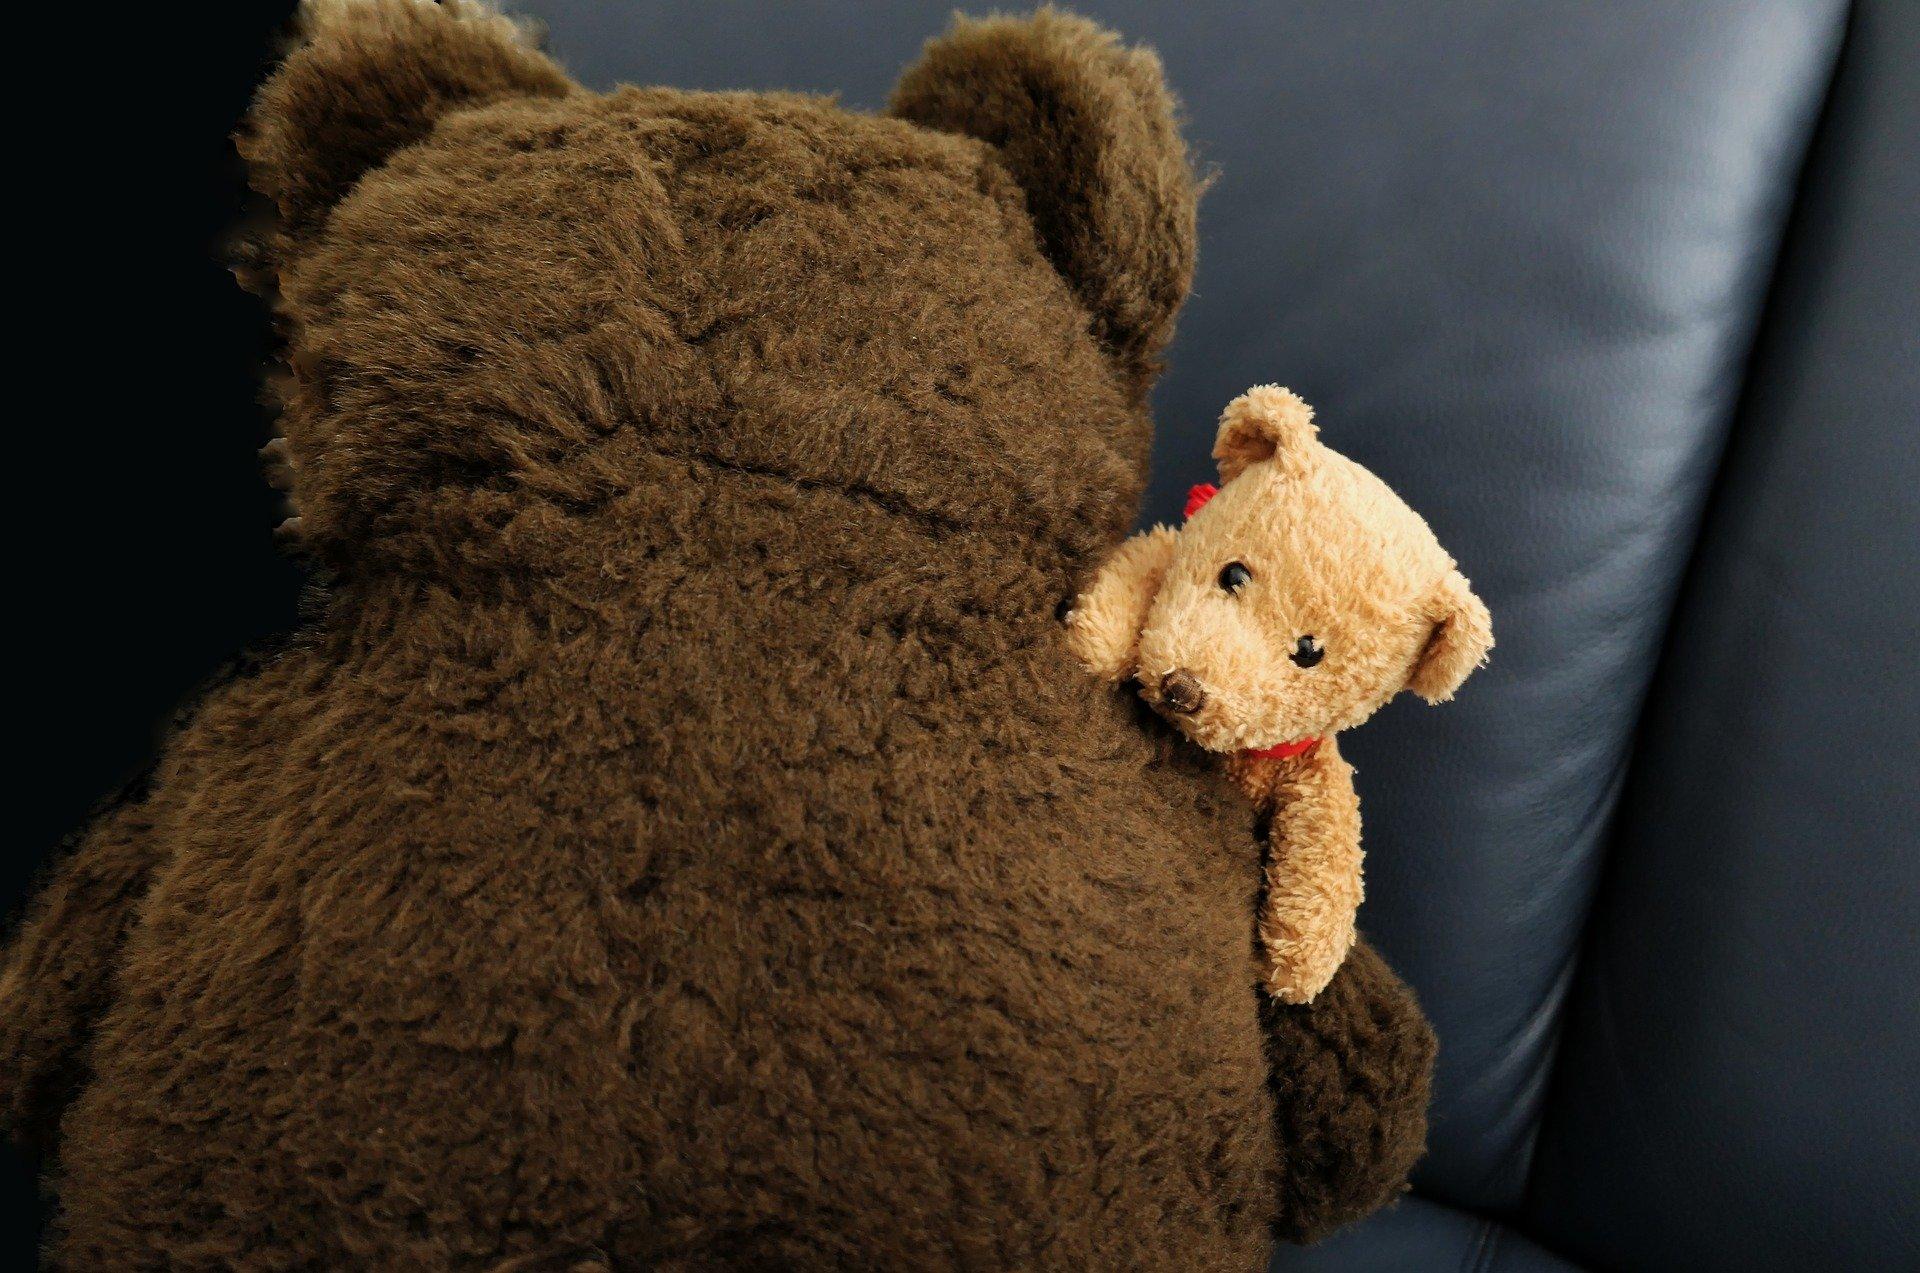 un orso grande e marrone di spalle che abbraccia un piccolo orsacchiotto chiaro che gli spunta dalla spalla